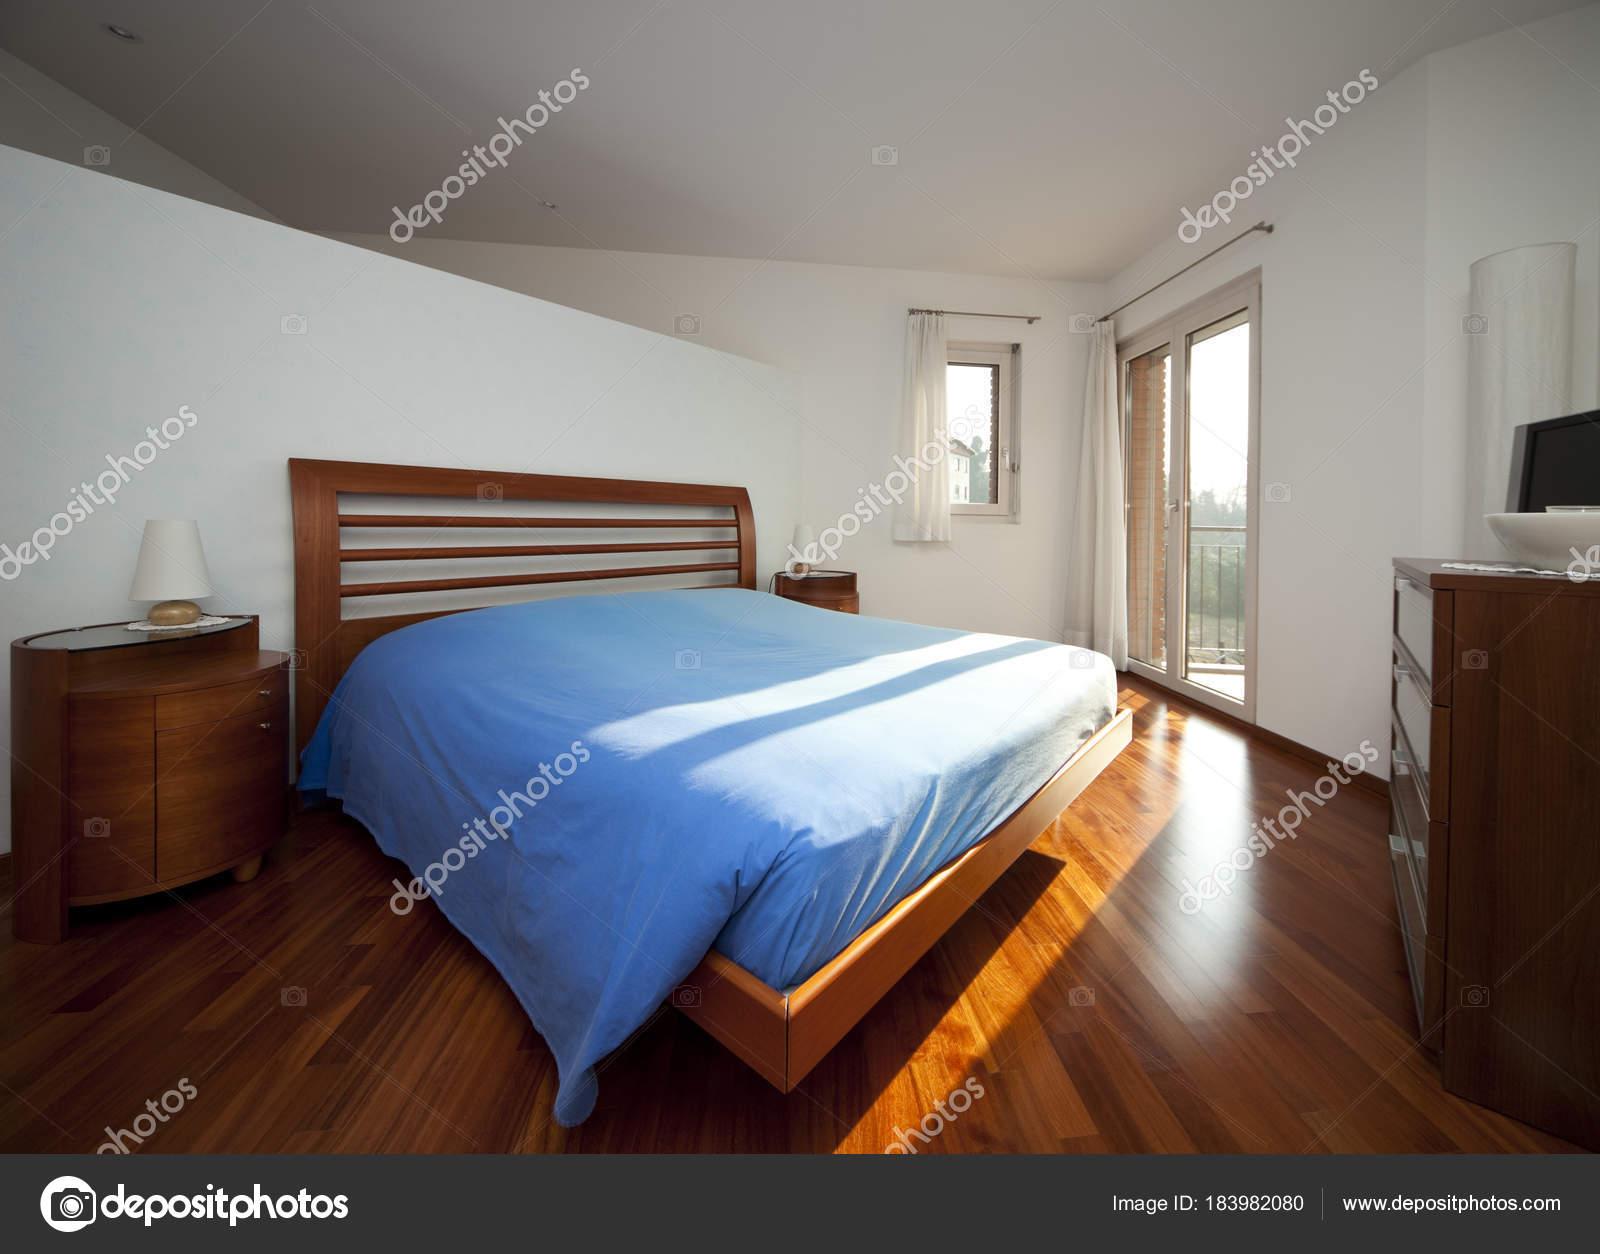 Moderne houten slaapkamer interieur u2014 stockfoto © zveiger #183982080